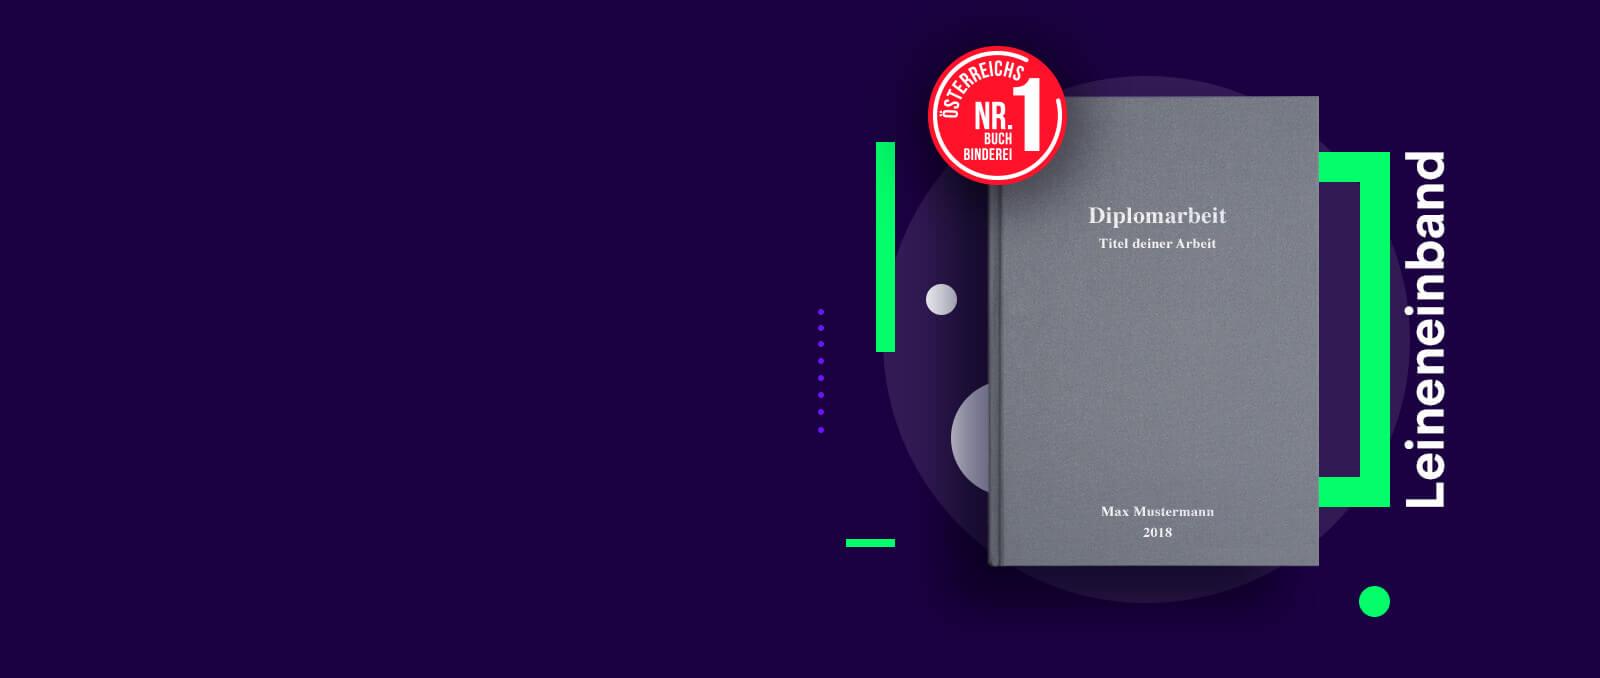 finito Österreichs Nr. 1 Buchbinderei für Diplomarbeiten